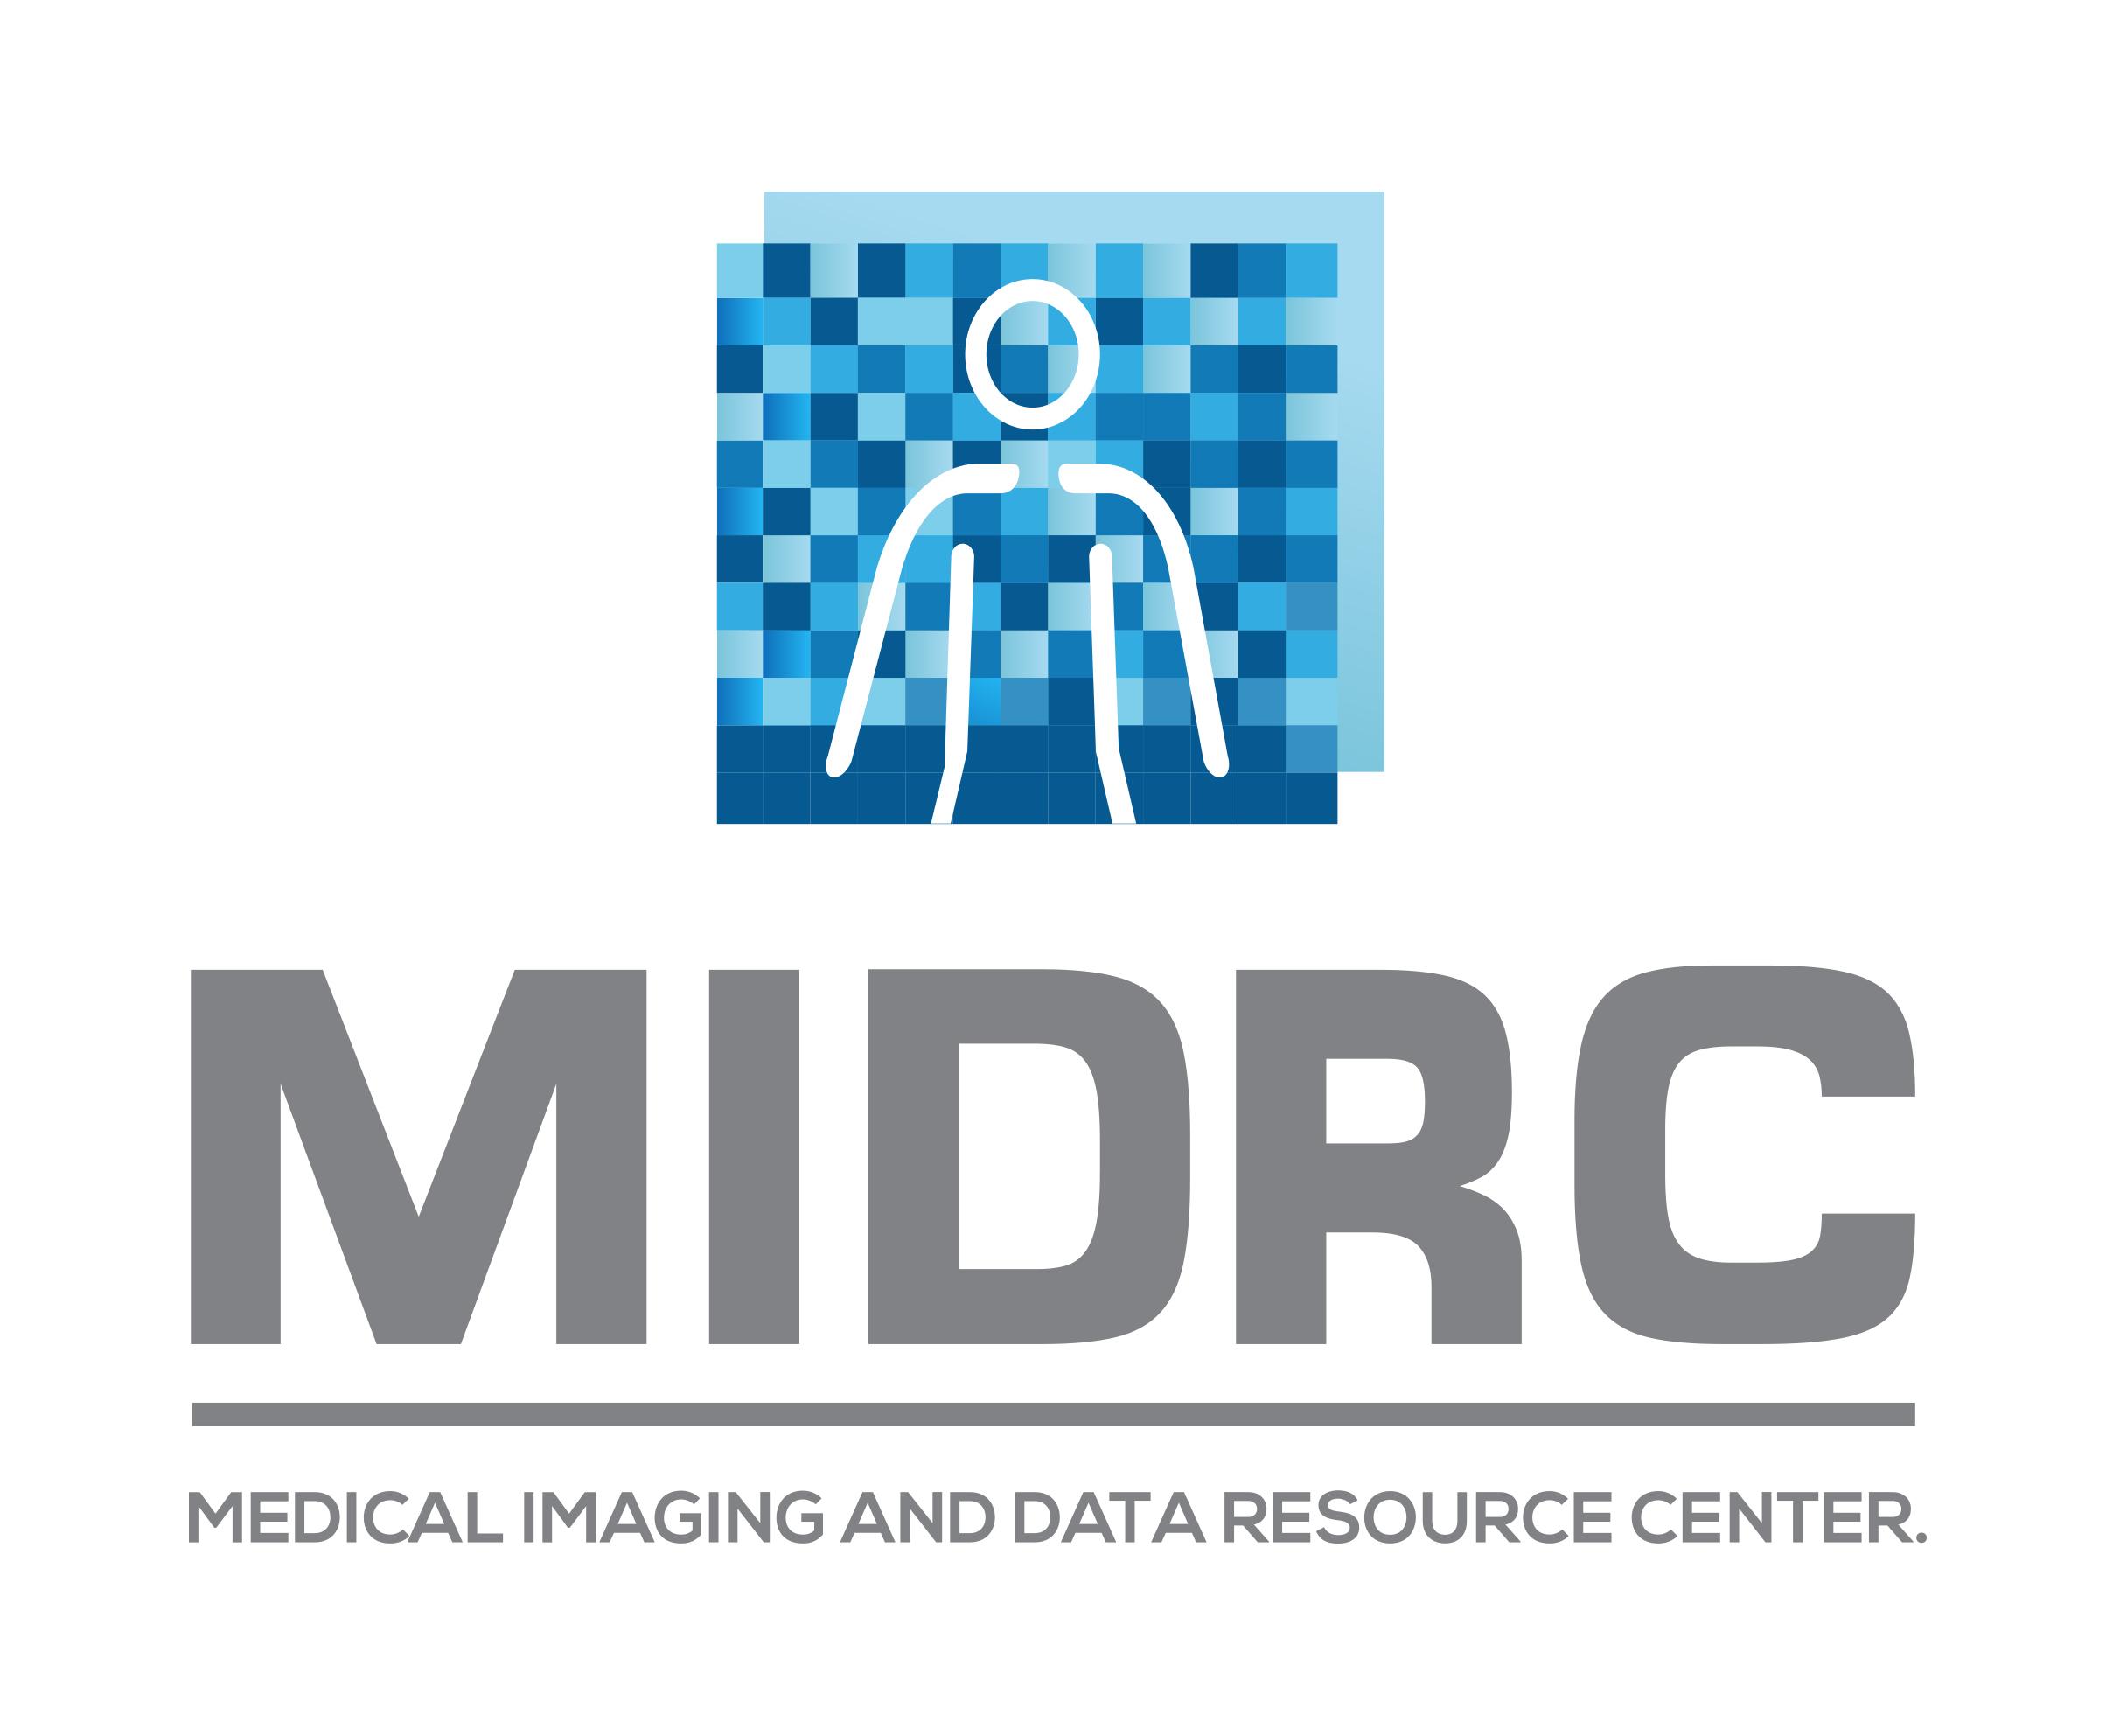 MIDRC